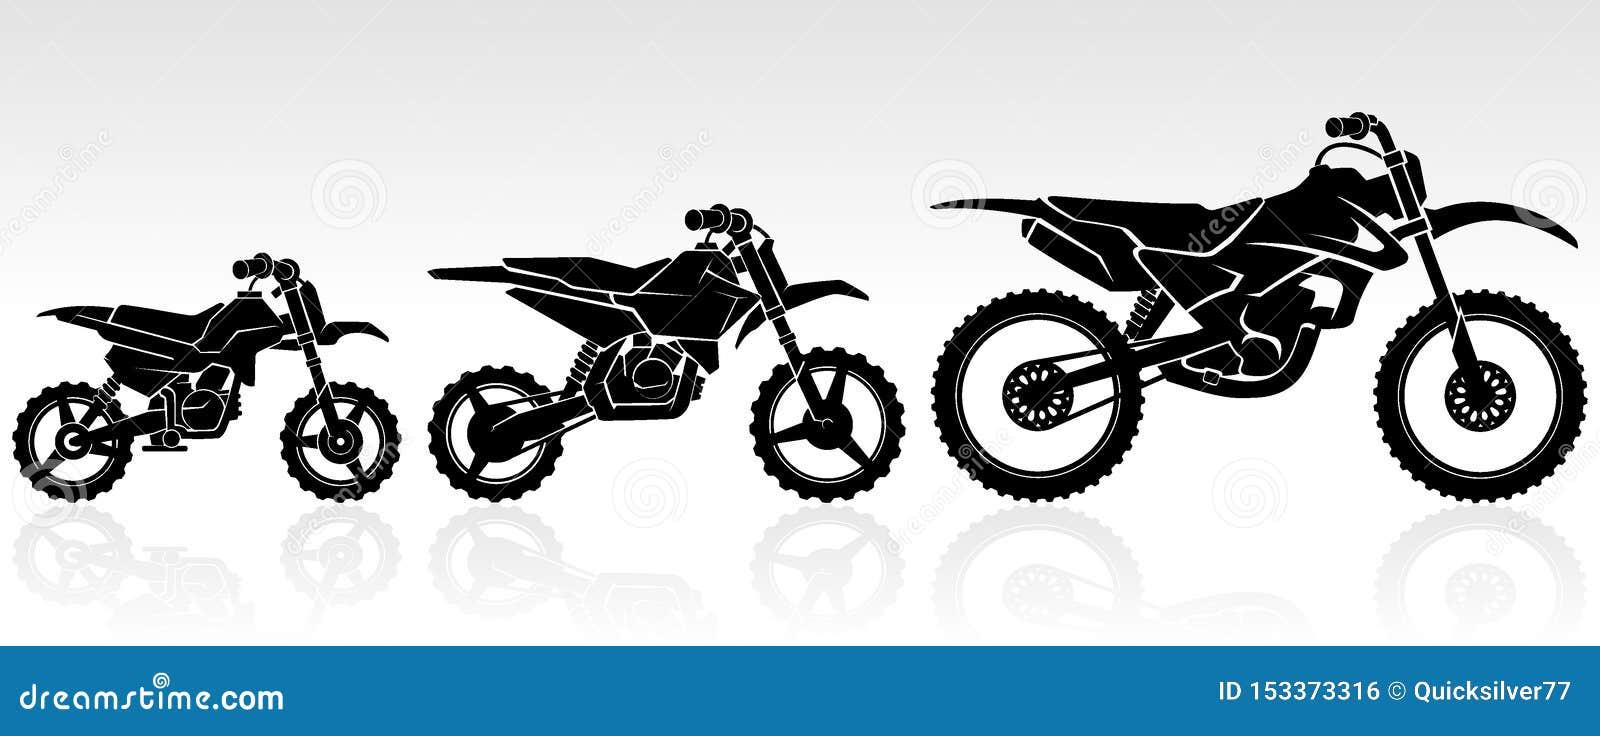 Kids Motocross Bike Set Stock Vector Illustration Of Large 153373316